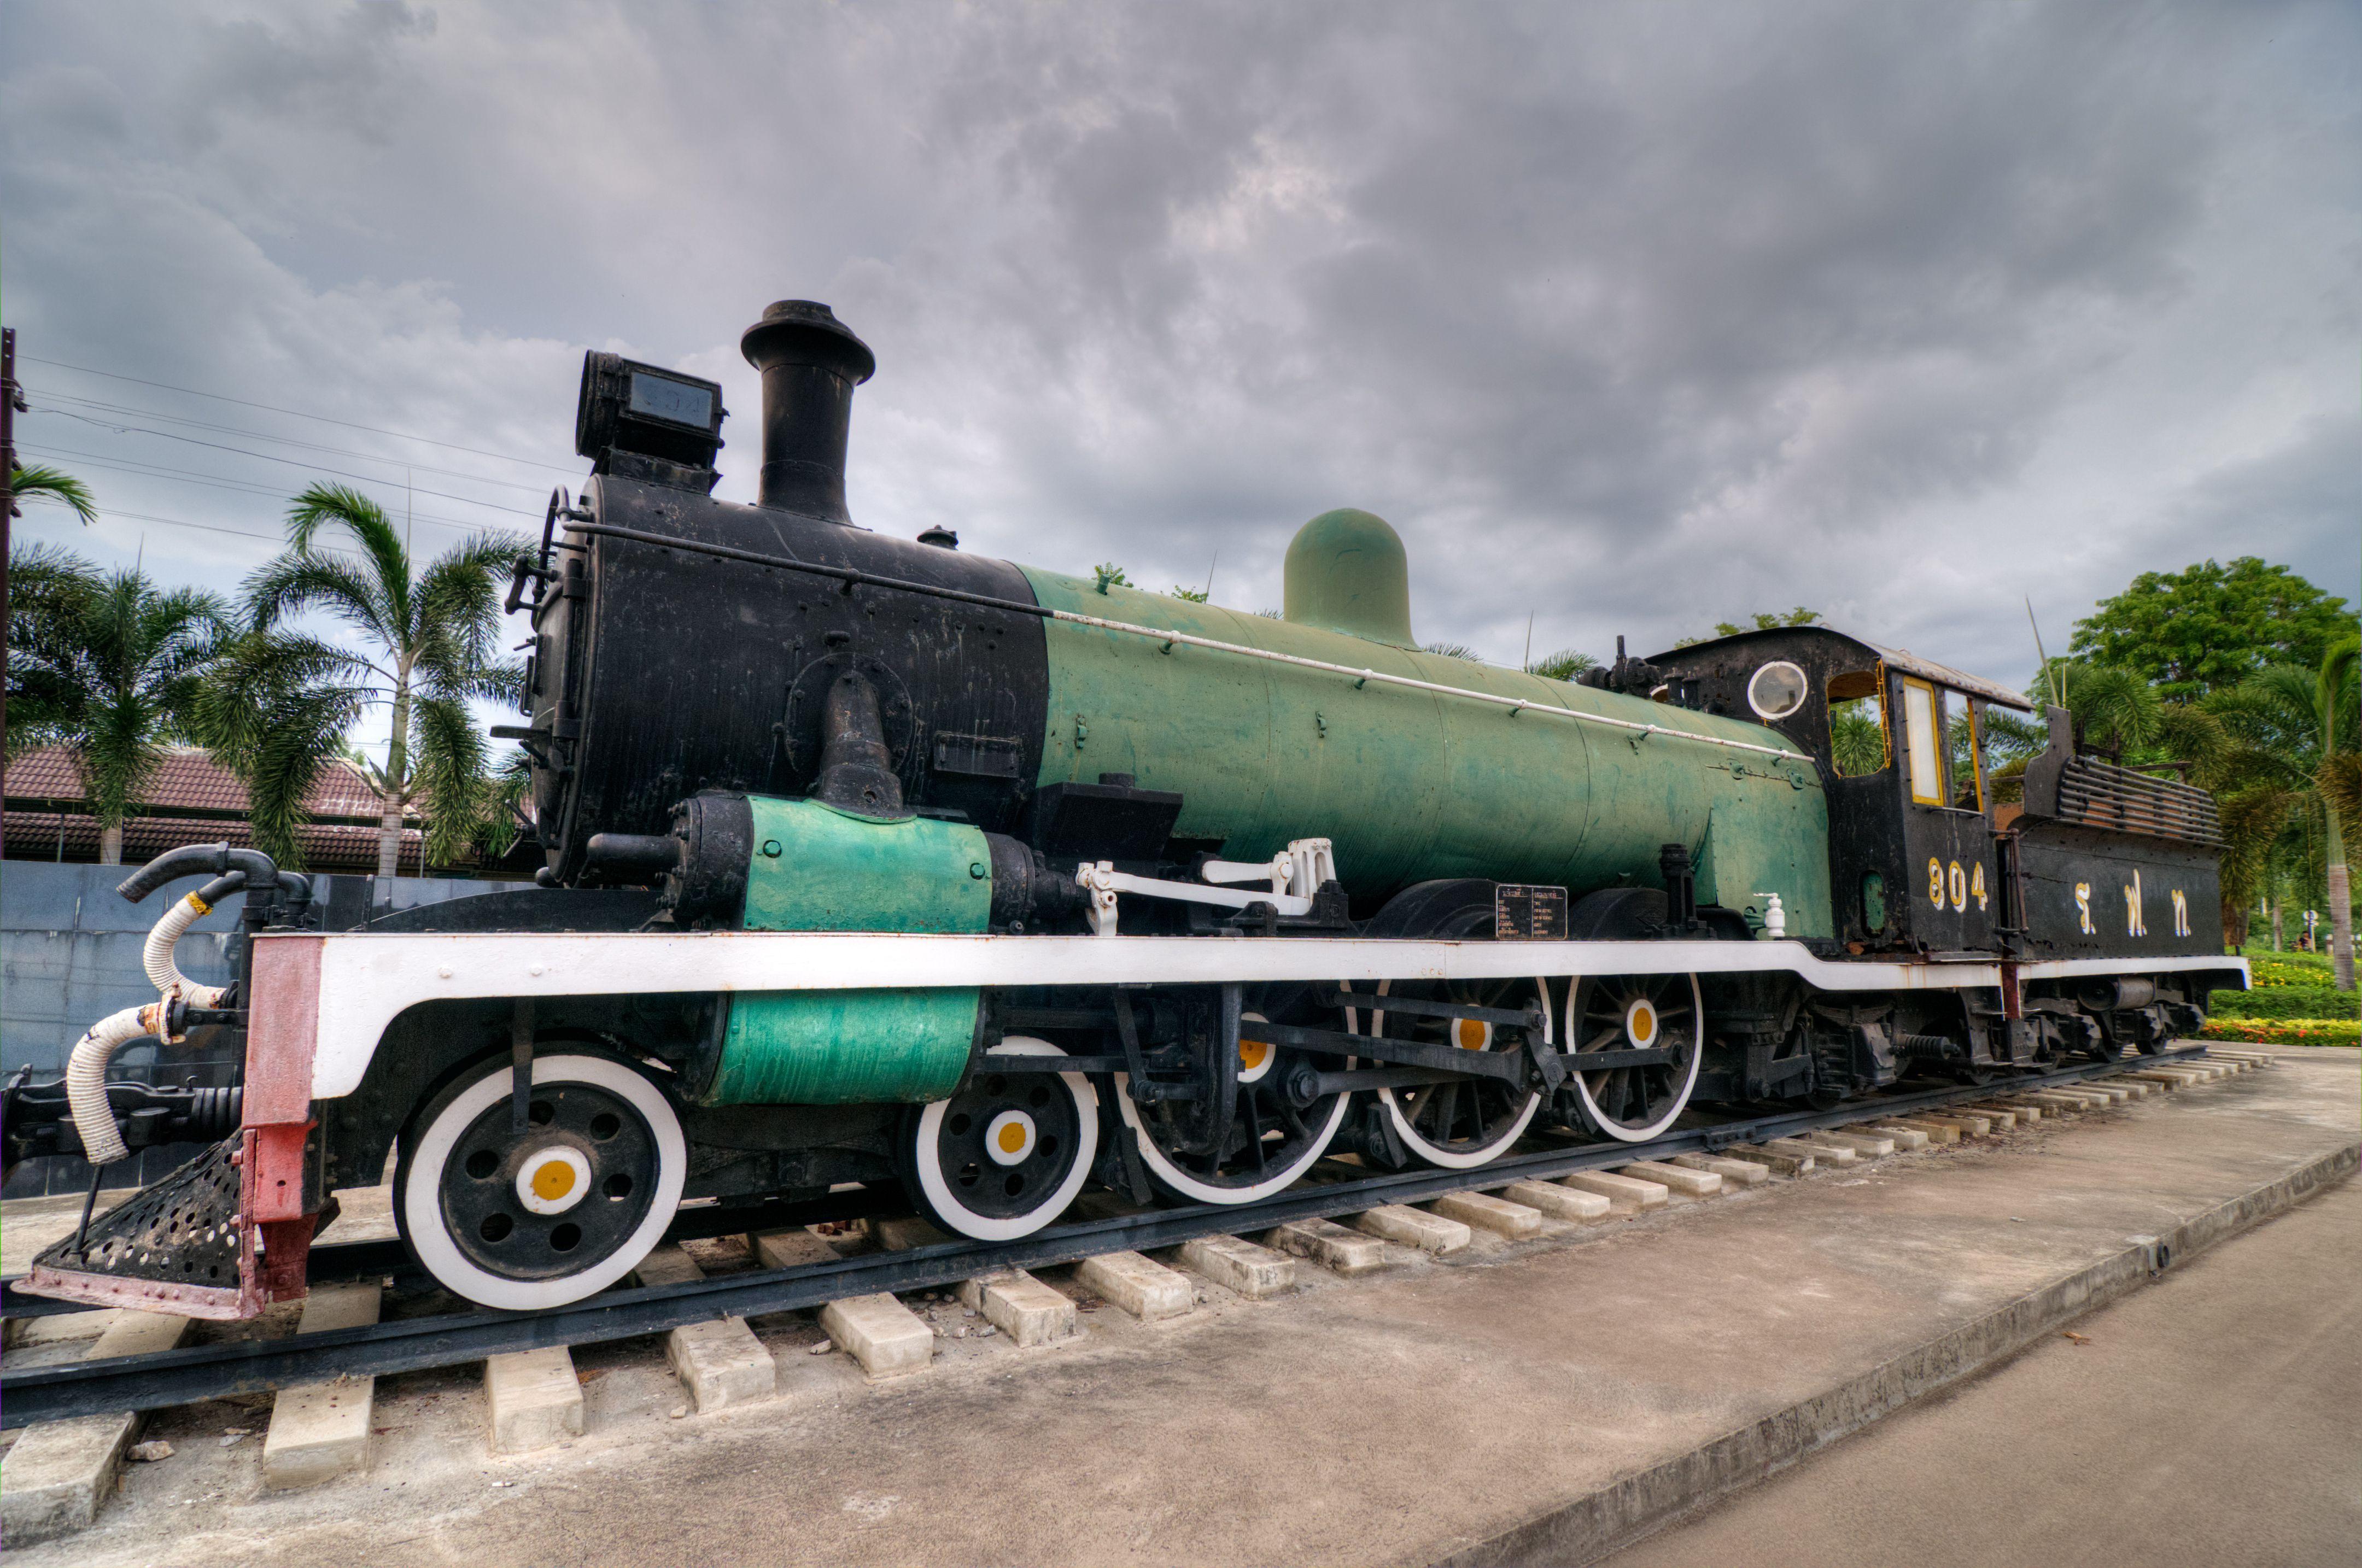 An old locomotive on display in Kanchanaburi